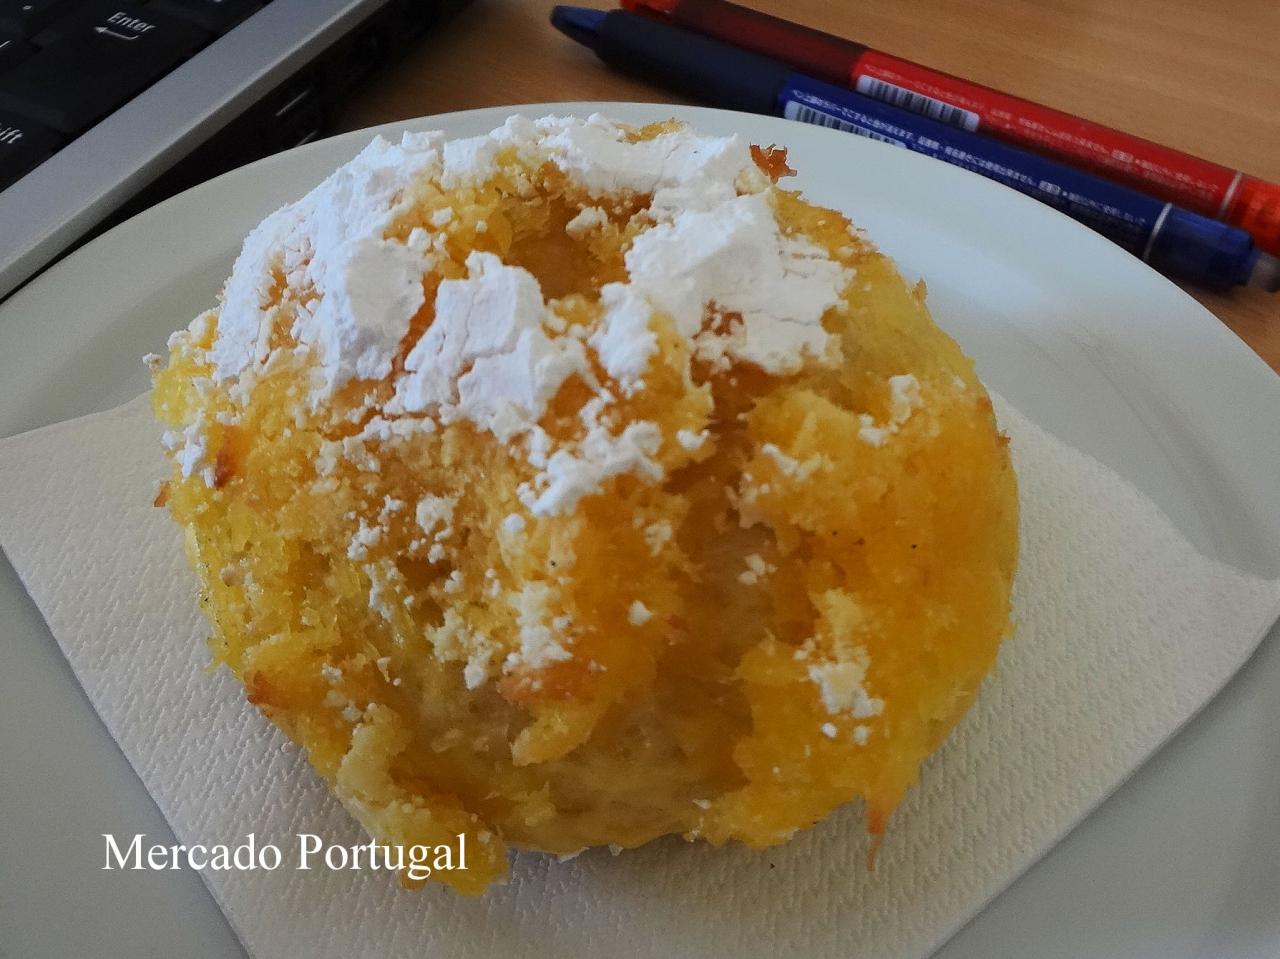 神様のパンと呼ばれる甘めのパン(パォン・デ・デウシュPão de Deus)これにチーズやハムを挟むこともあります。